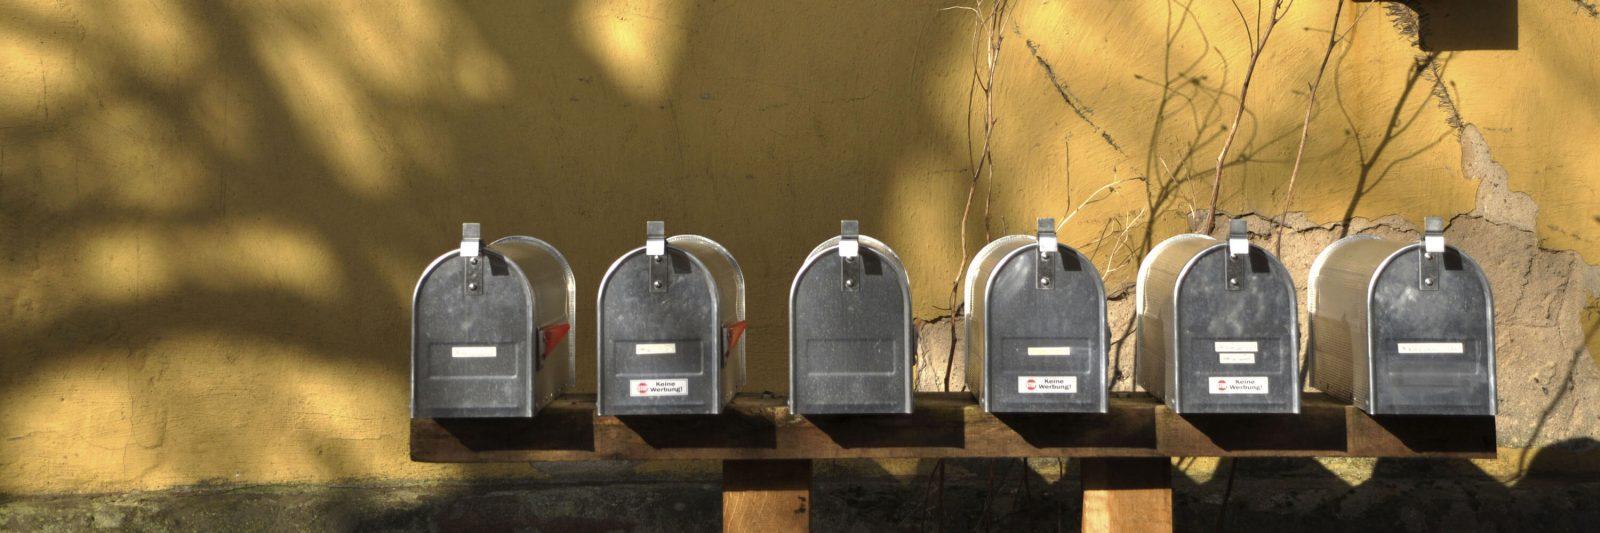 Gutshaus Briefkästen